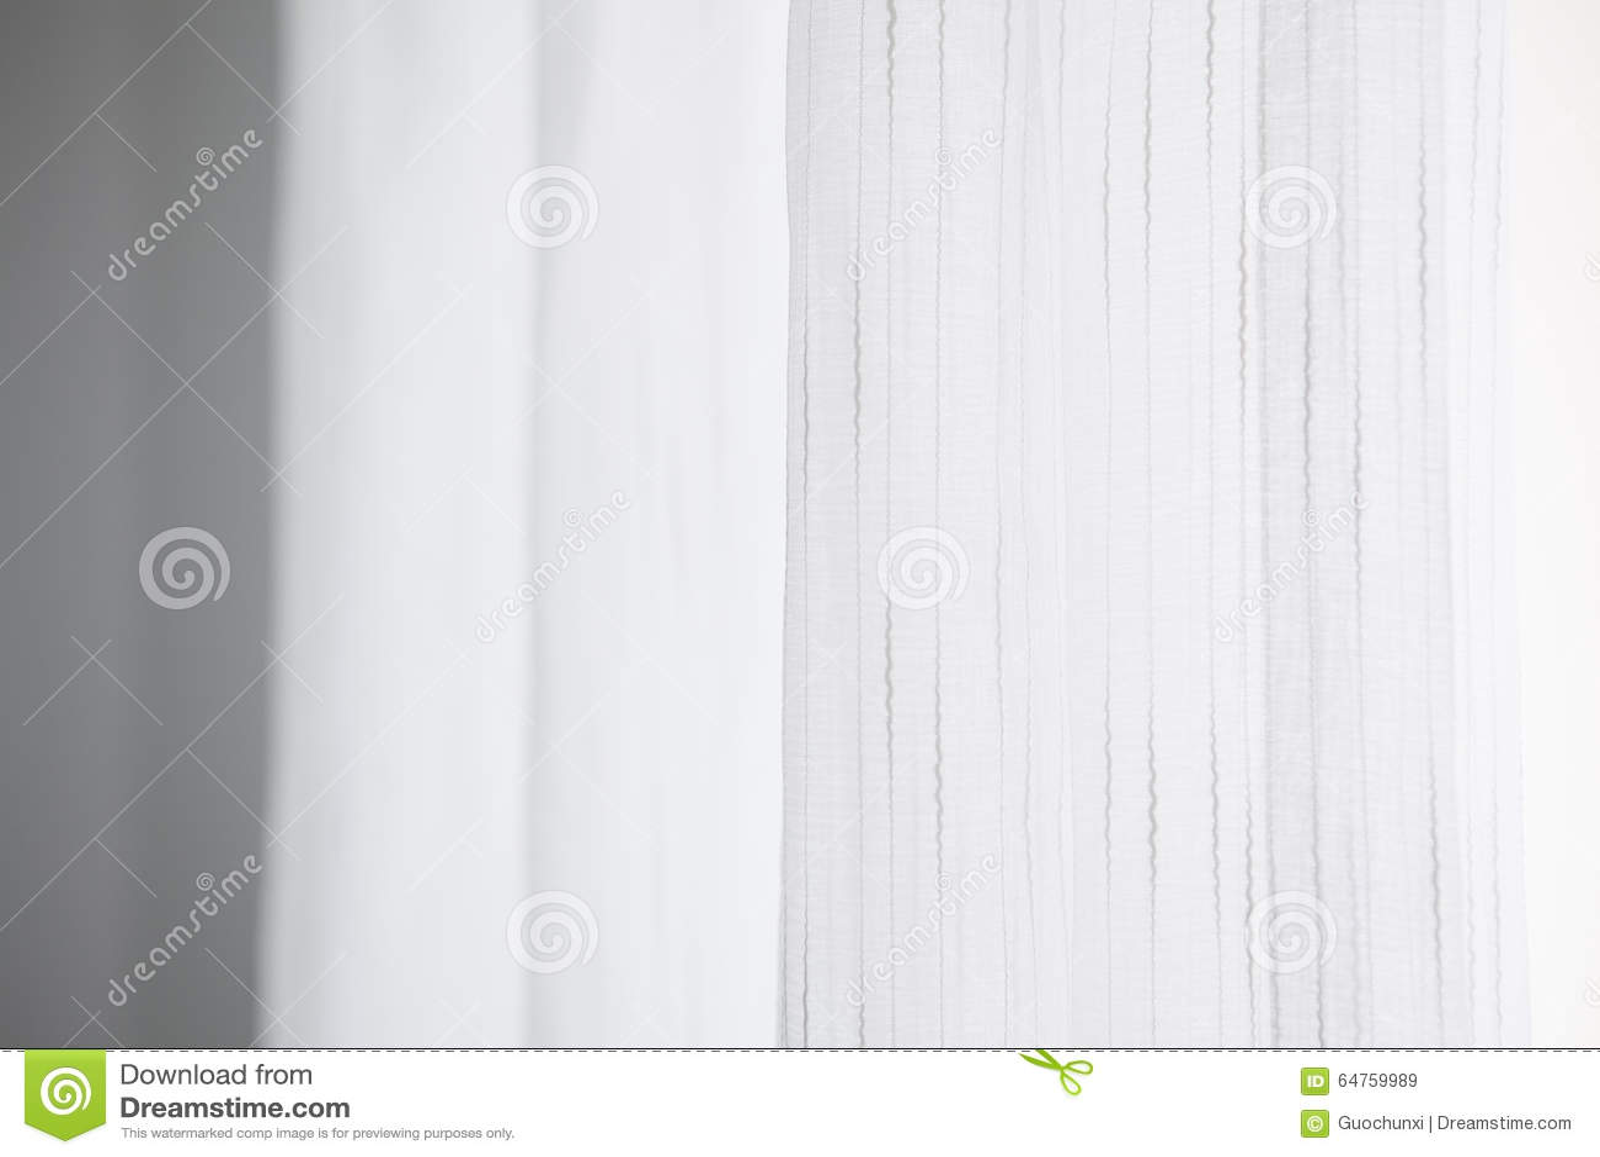 Weißer Vorhang Mit Linie Beschaffenheiten Stockbild Bild Von